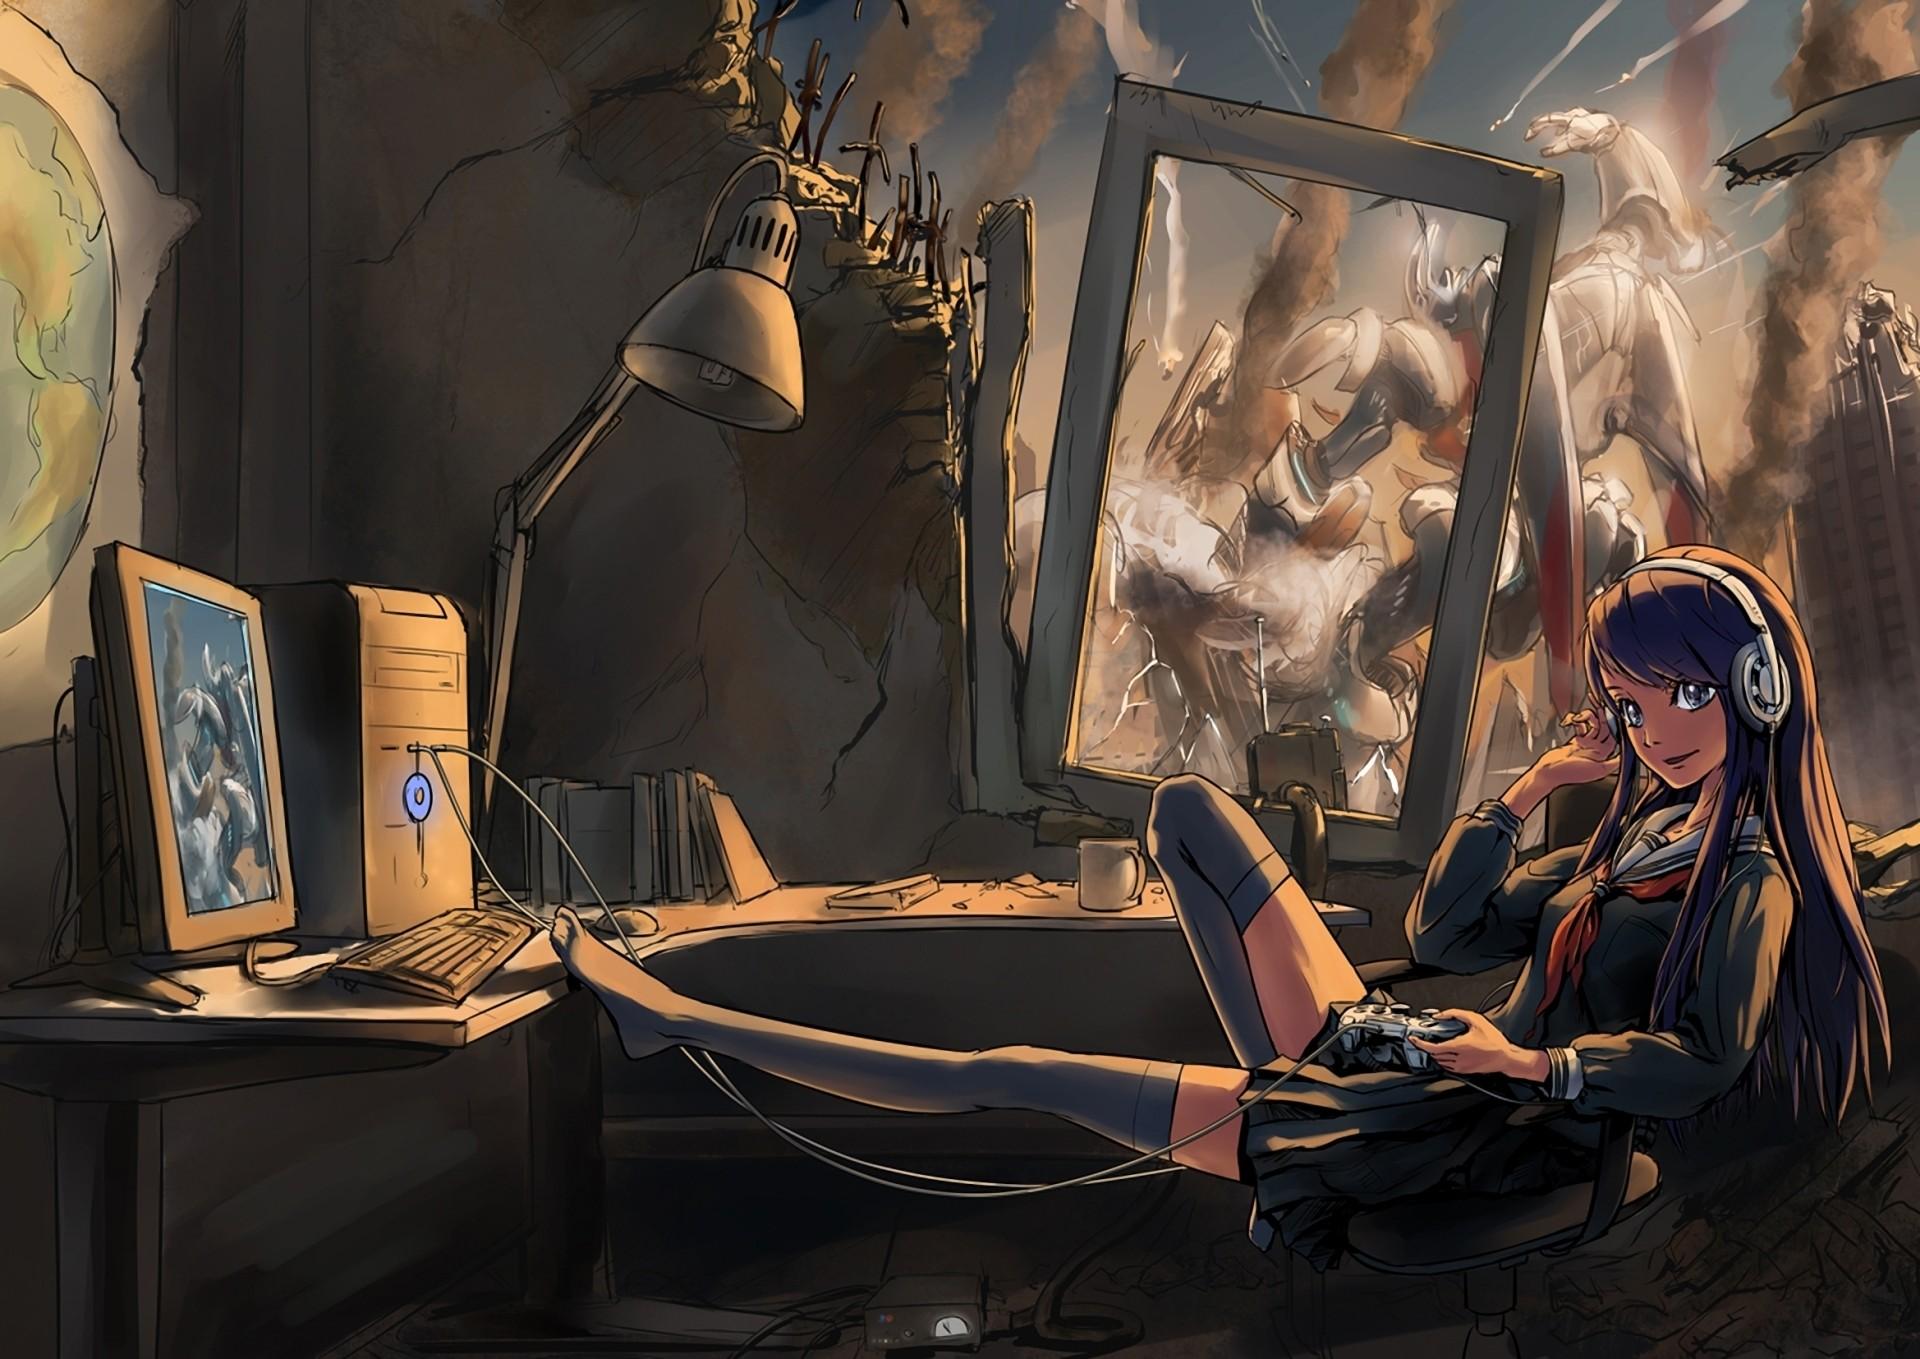 Res: 1920x1359, Anime Gamer Girl HQ Desktop Wallpaper 21382